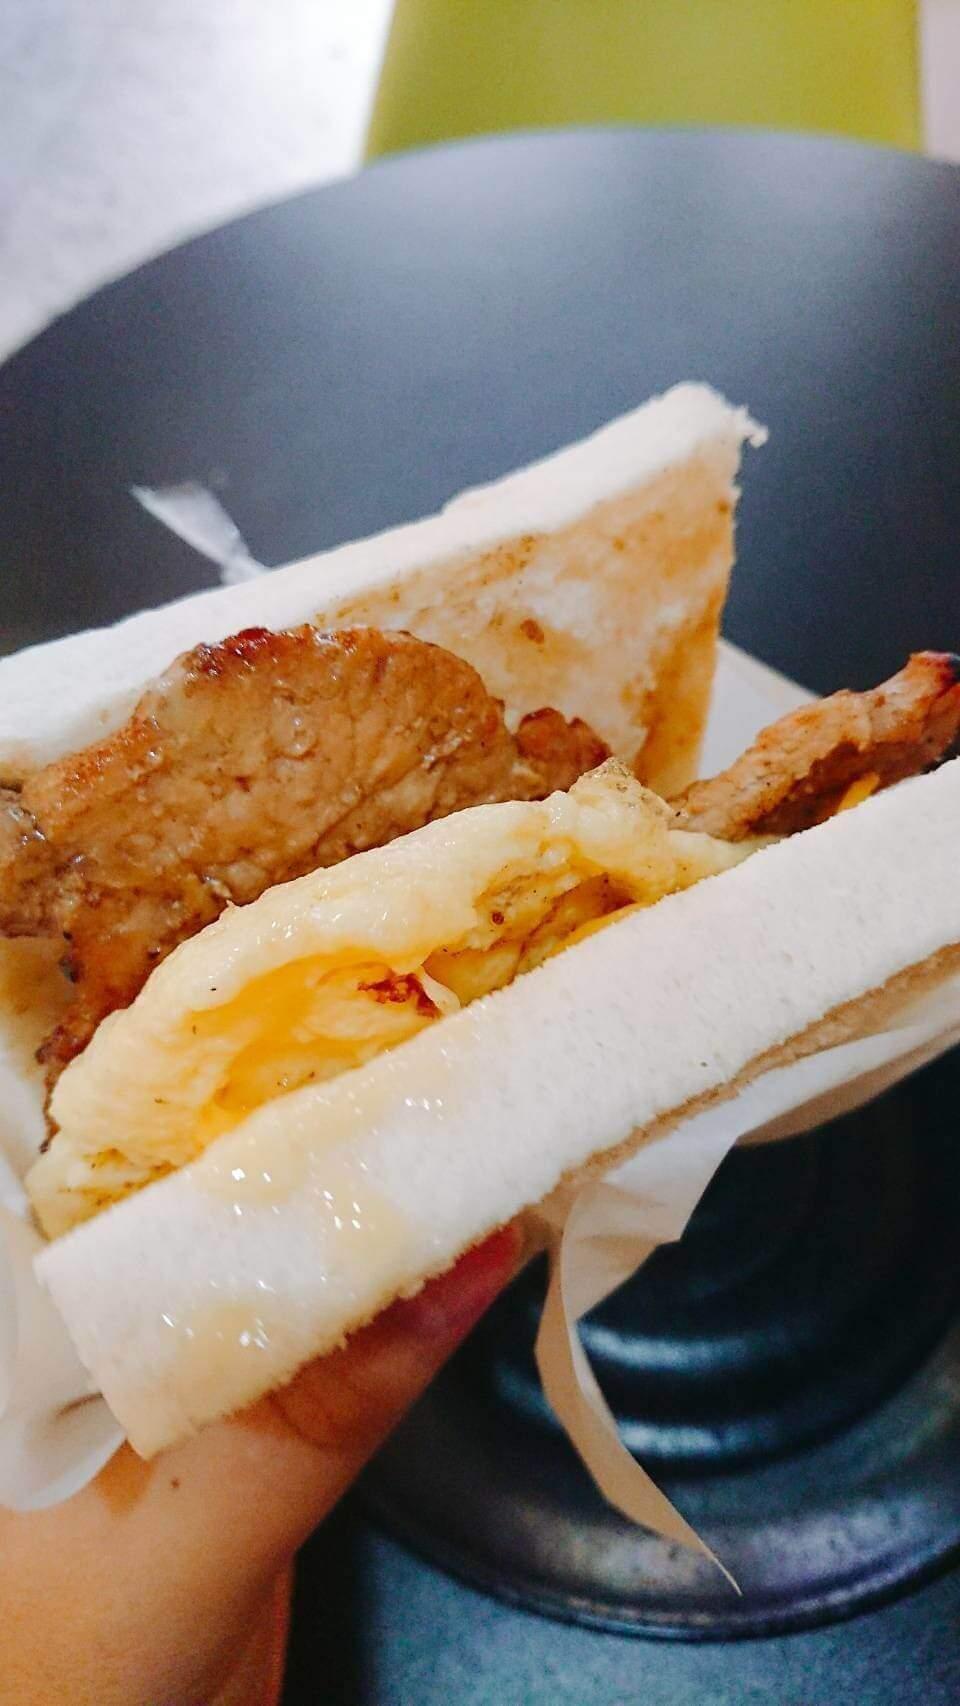 【花蓮市區】張瑋烤肉蛋吐司–美好的早晨就該大口咬肉蛋吐司